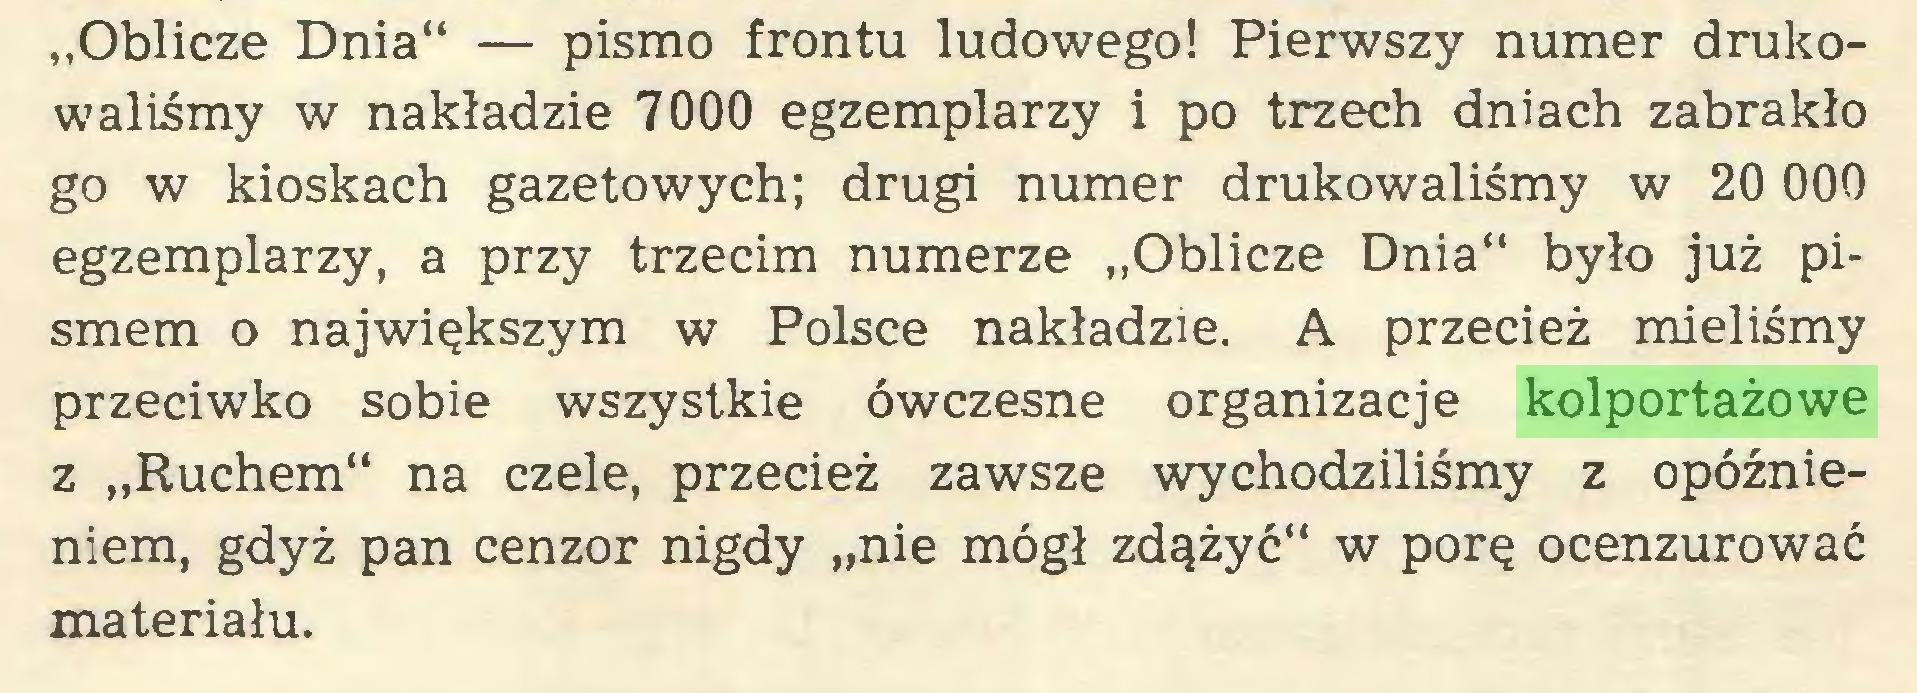 """(...) """"Oblicze Dnia"""" — pismo frontu ludowego! Pierwszy numer drukowaliśmy w nakładzie 7000 egzemplarzy i po trzech dniach zabrakło go w kioskach gazetowych; drugi numer drukowaliśmy w 20 000 egzemplarzy, a przy trzecim numerze """"Oblicze Dnia"""" było już pismem o największym w Polsce nakładzie. A przecież mieliśmy przeciwko sobie wszystkie ówczesne organizacje kolportażowe z """"Ruchem"""" na czele, przecież zawsze wychodziliśmy z opóźnieniem, gdyż pan cenzor nigdy """"nie mógł zdążyć"""" w porę ocenzurować materiału..."""